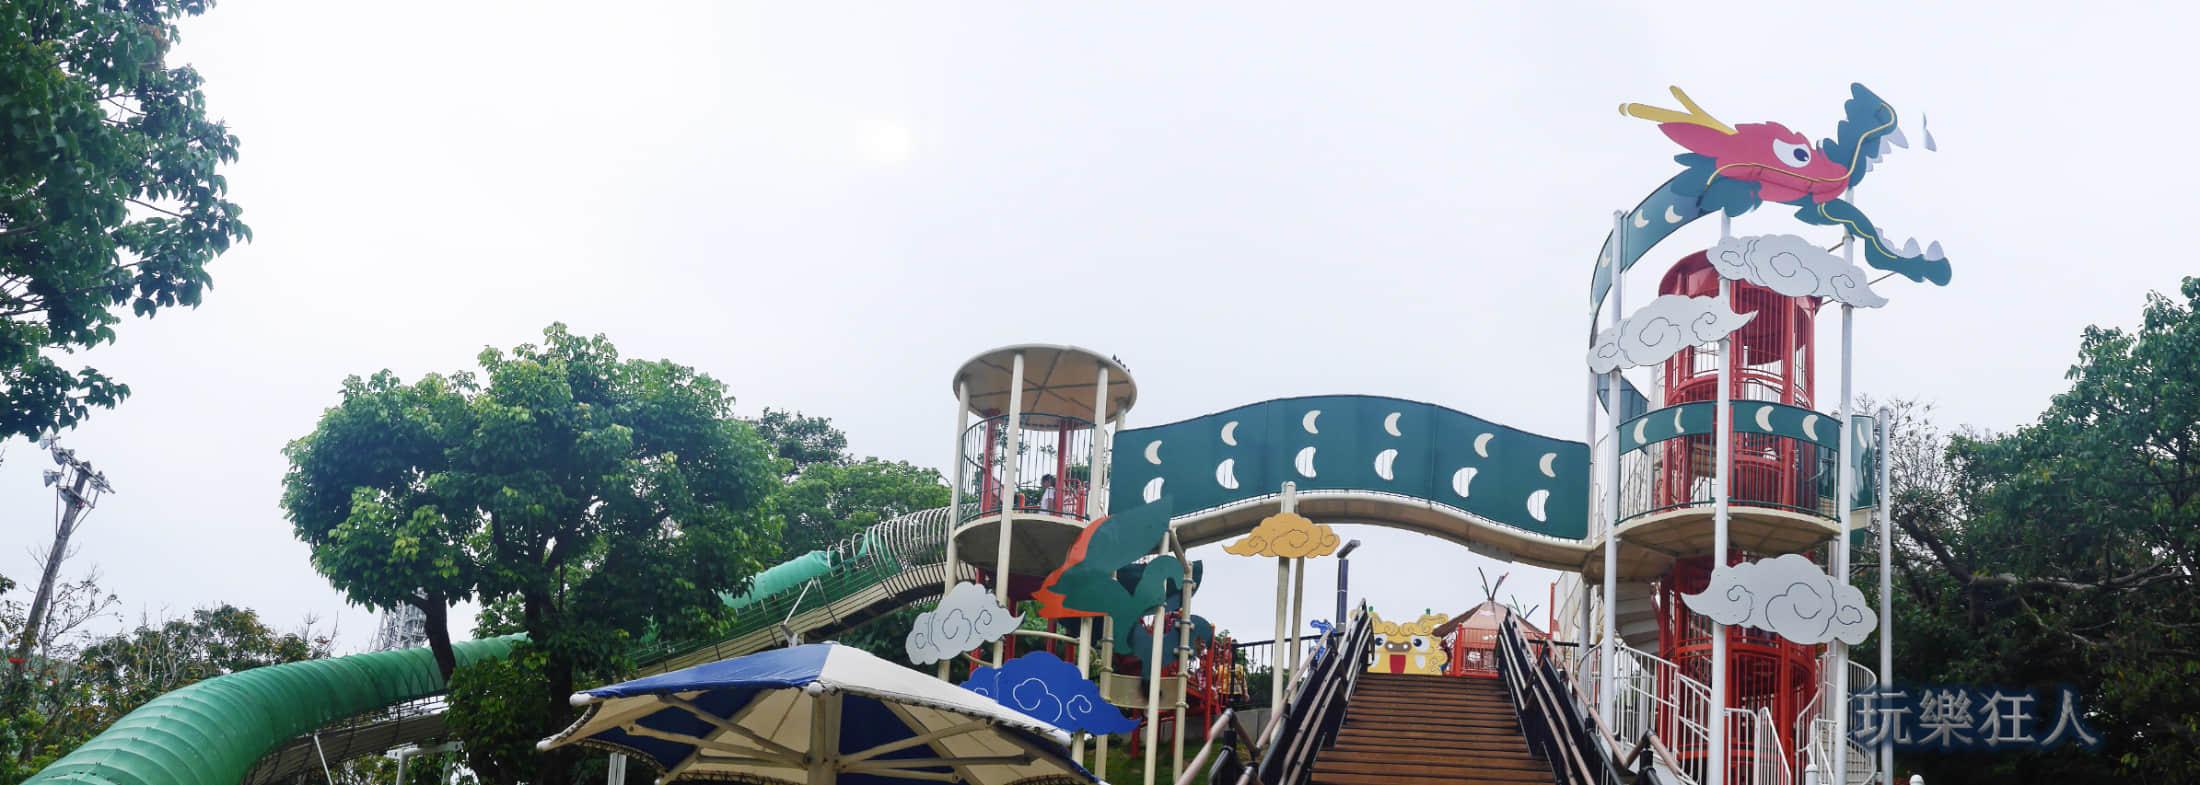 「奥武山公園」龍形溜滑梯